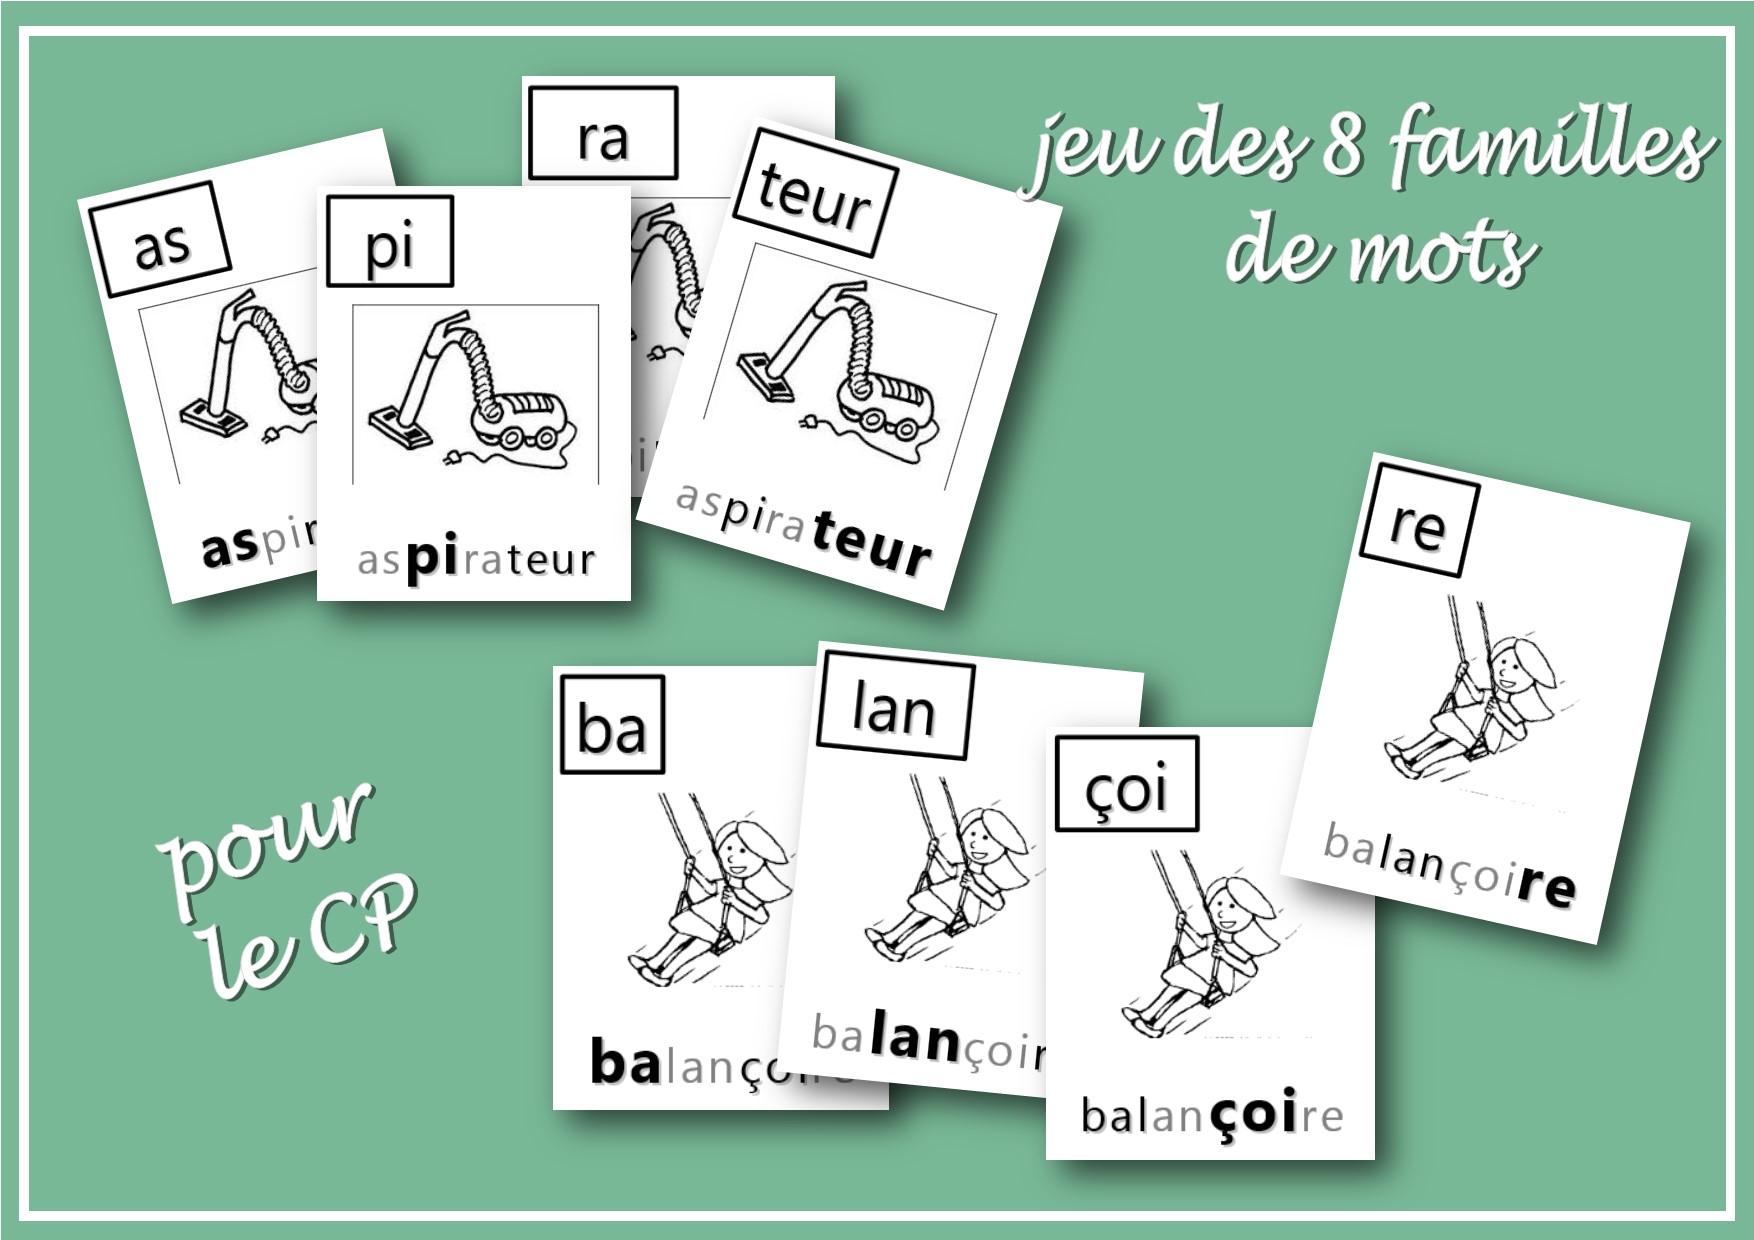 les 8 familles de mots